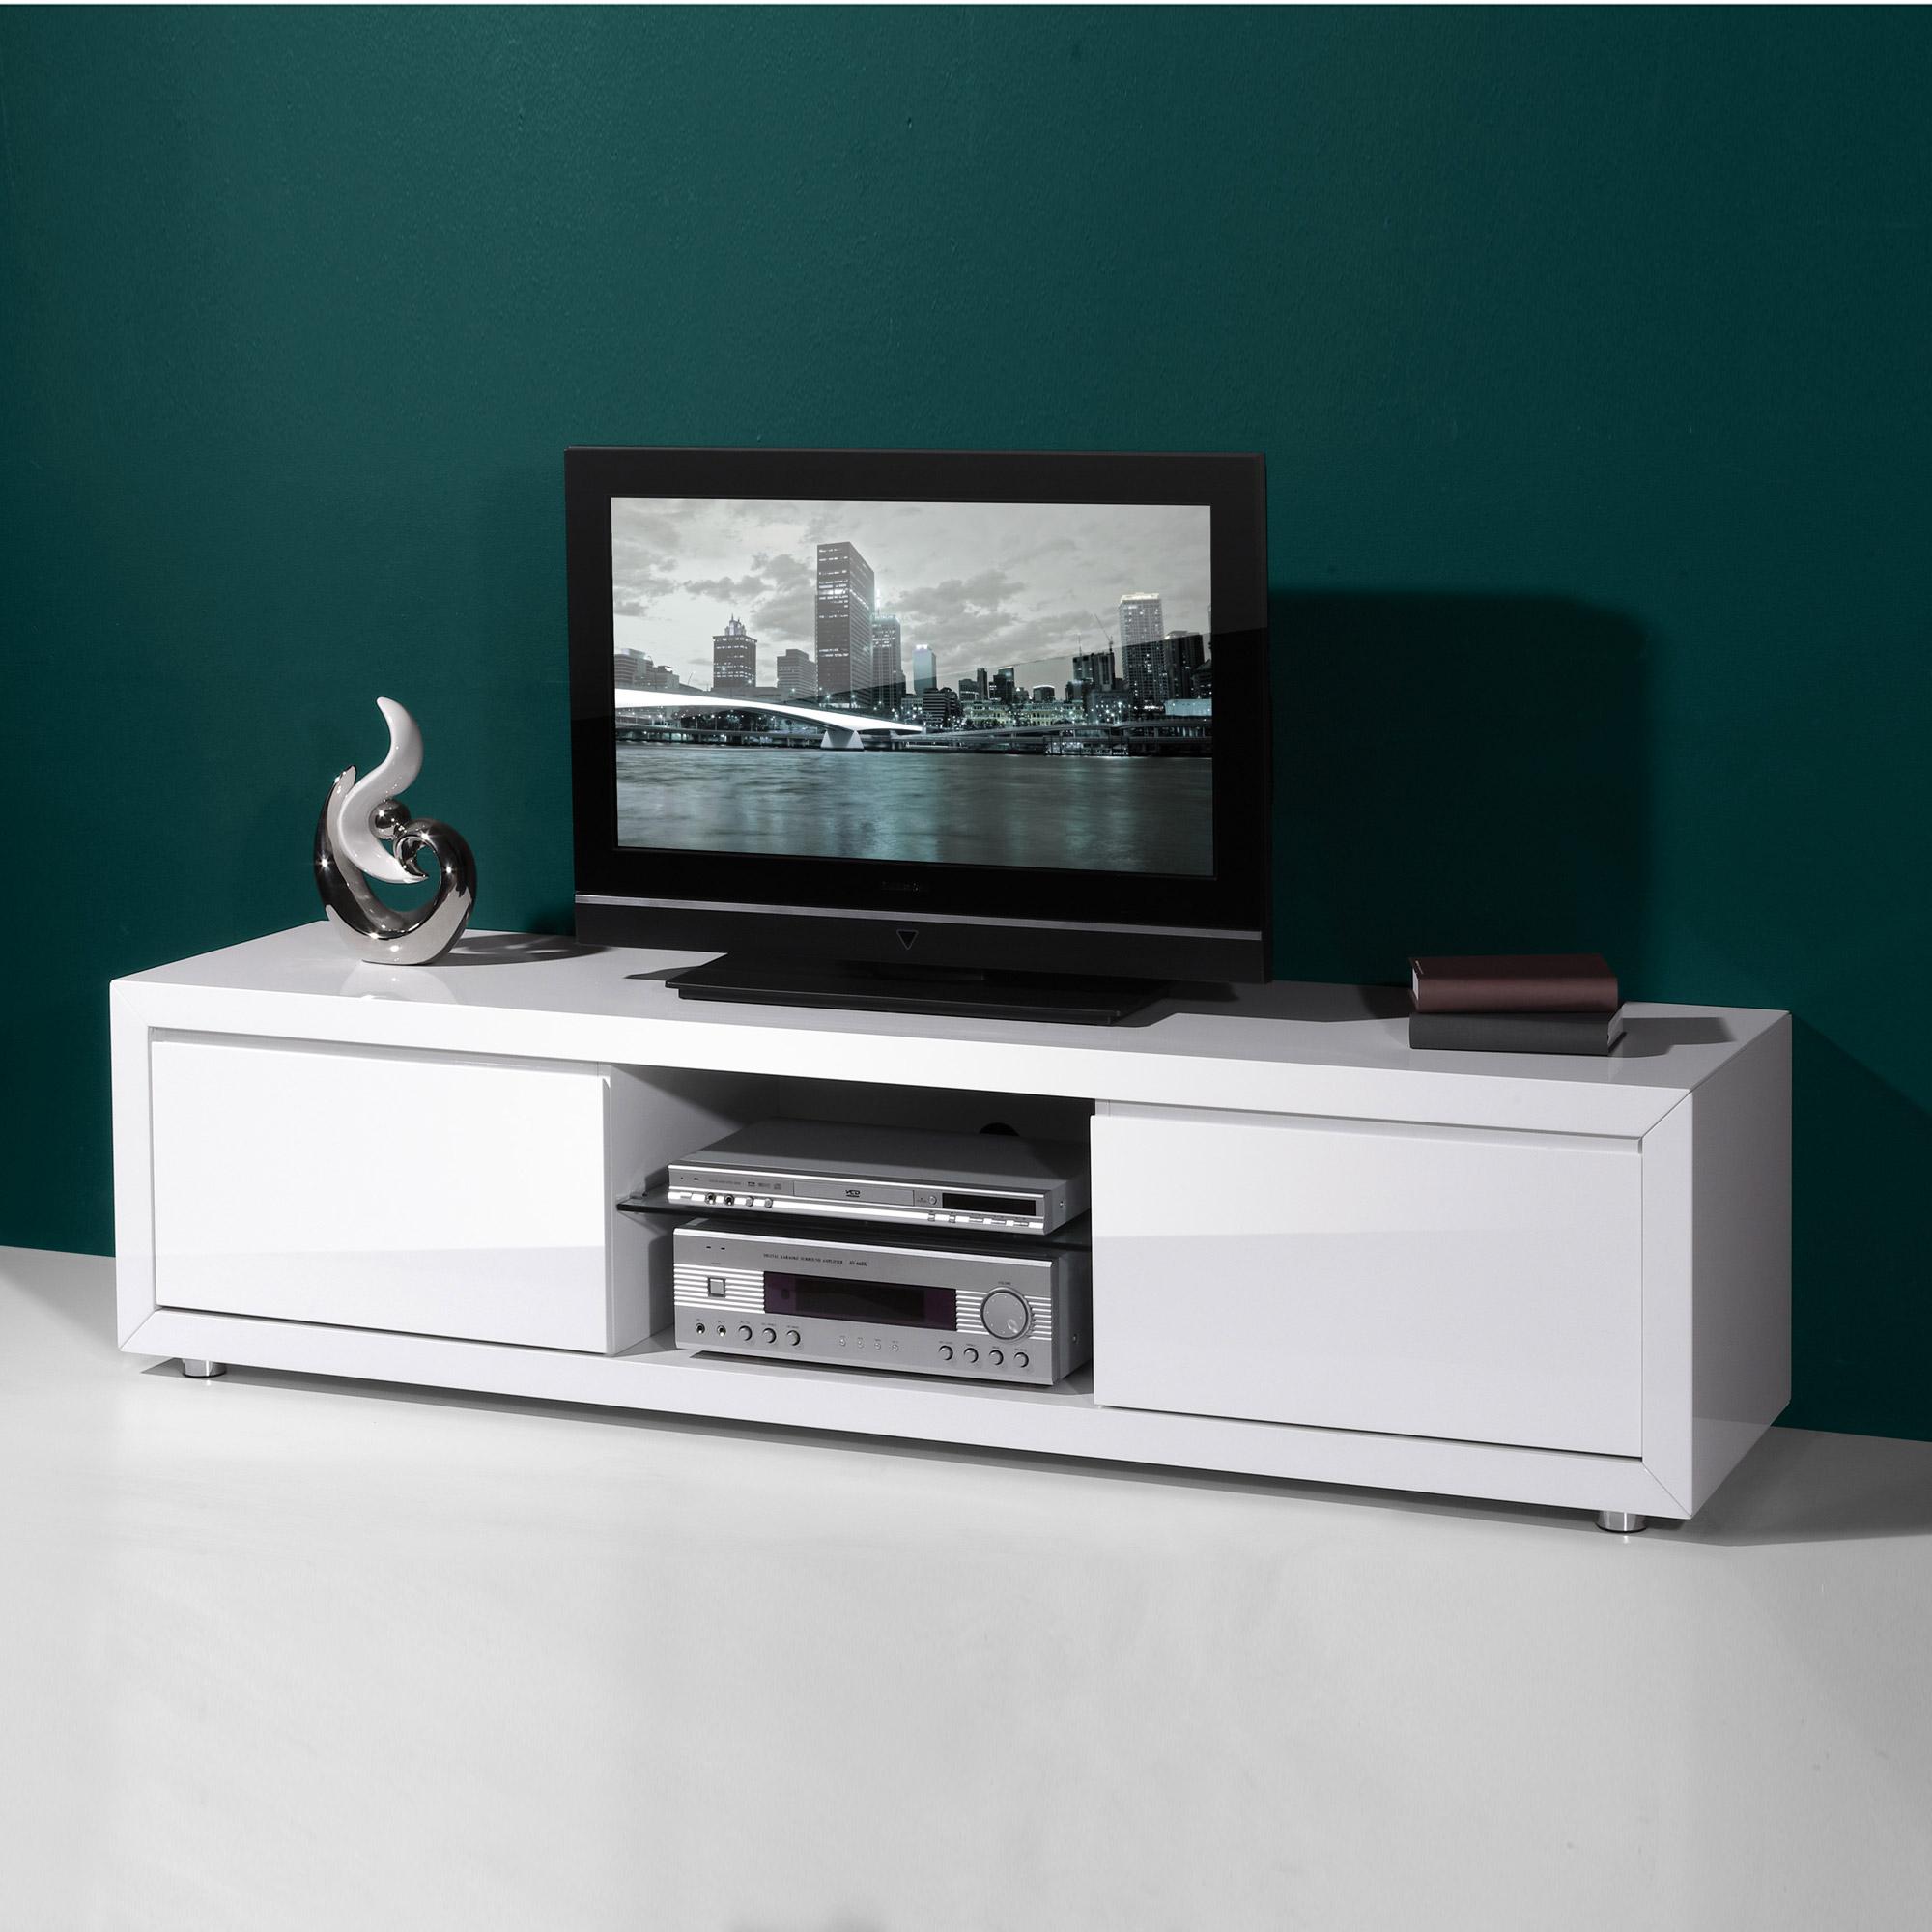 Meuble Haut Tv Mobilier Design D Coration D Int Rieur # Meuble Tv Haut Blanc